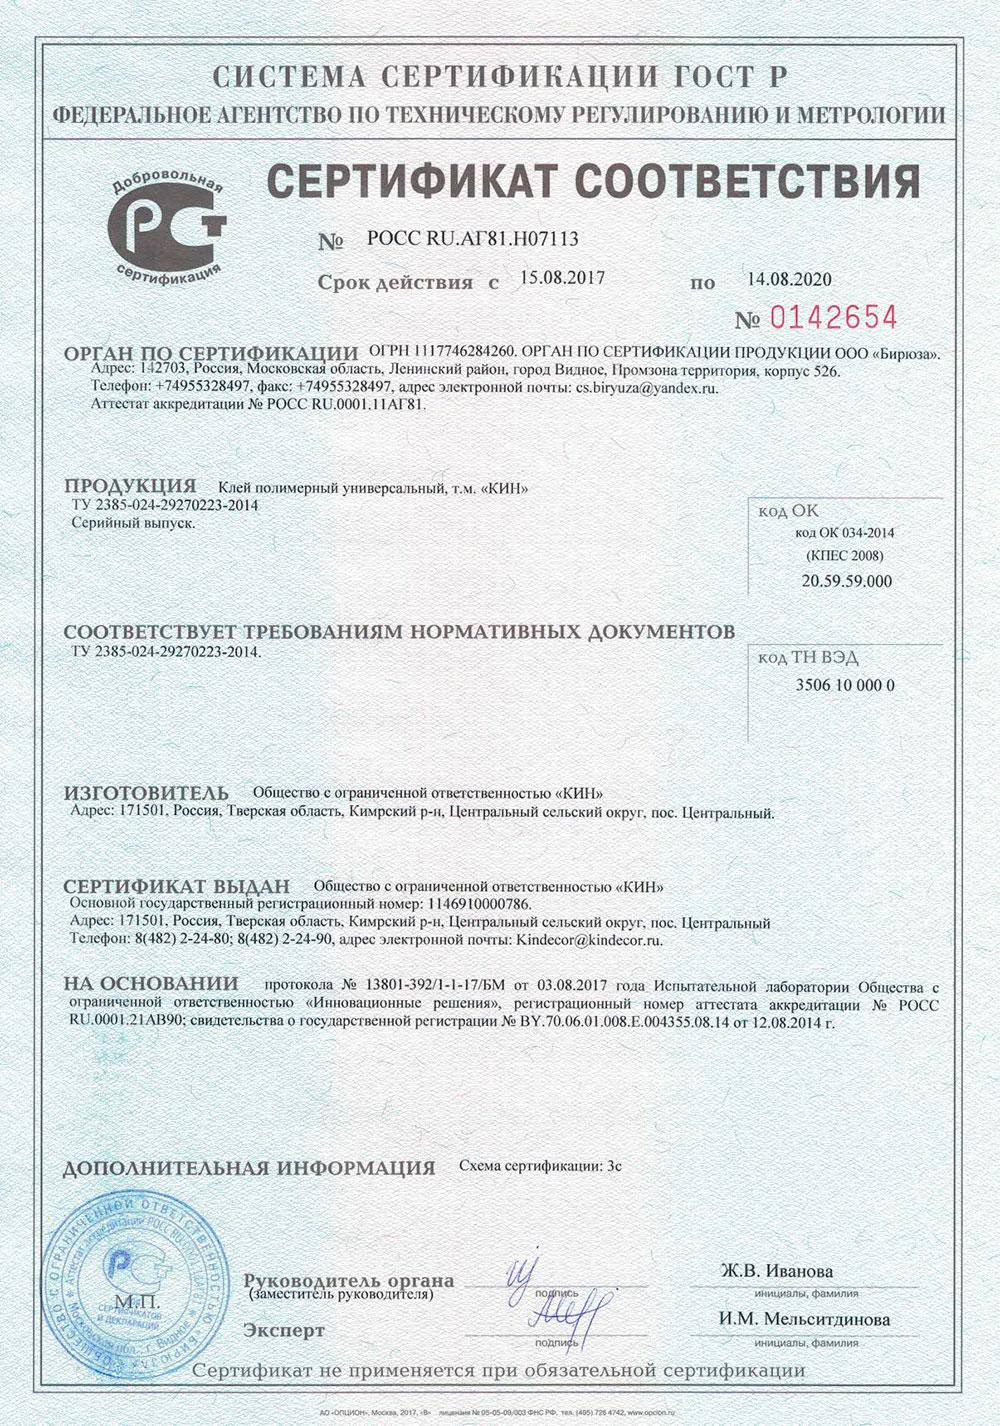 Сертификация стройматериалов в крыму требования и рекомендации исо 14001